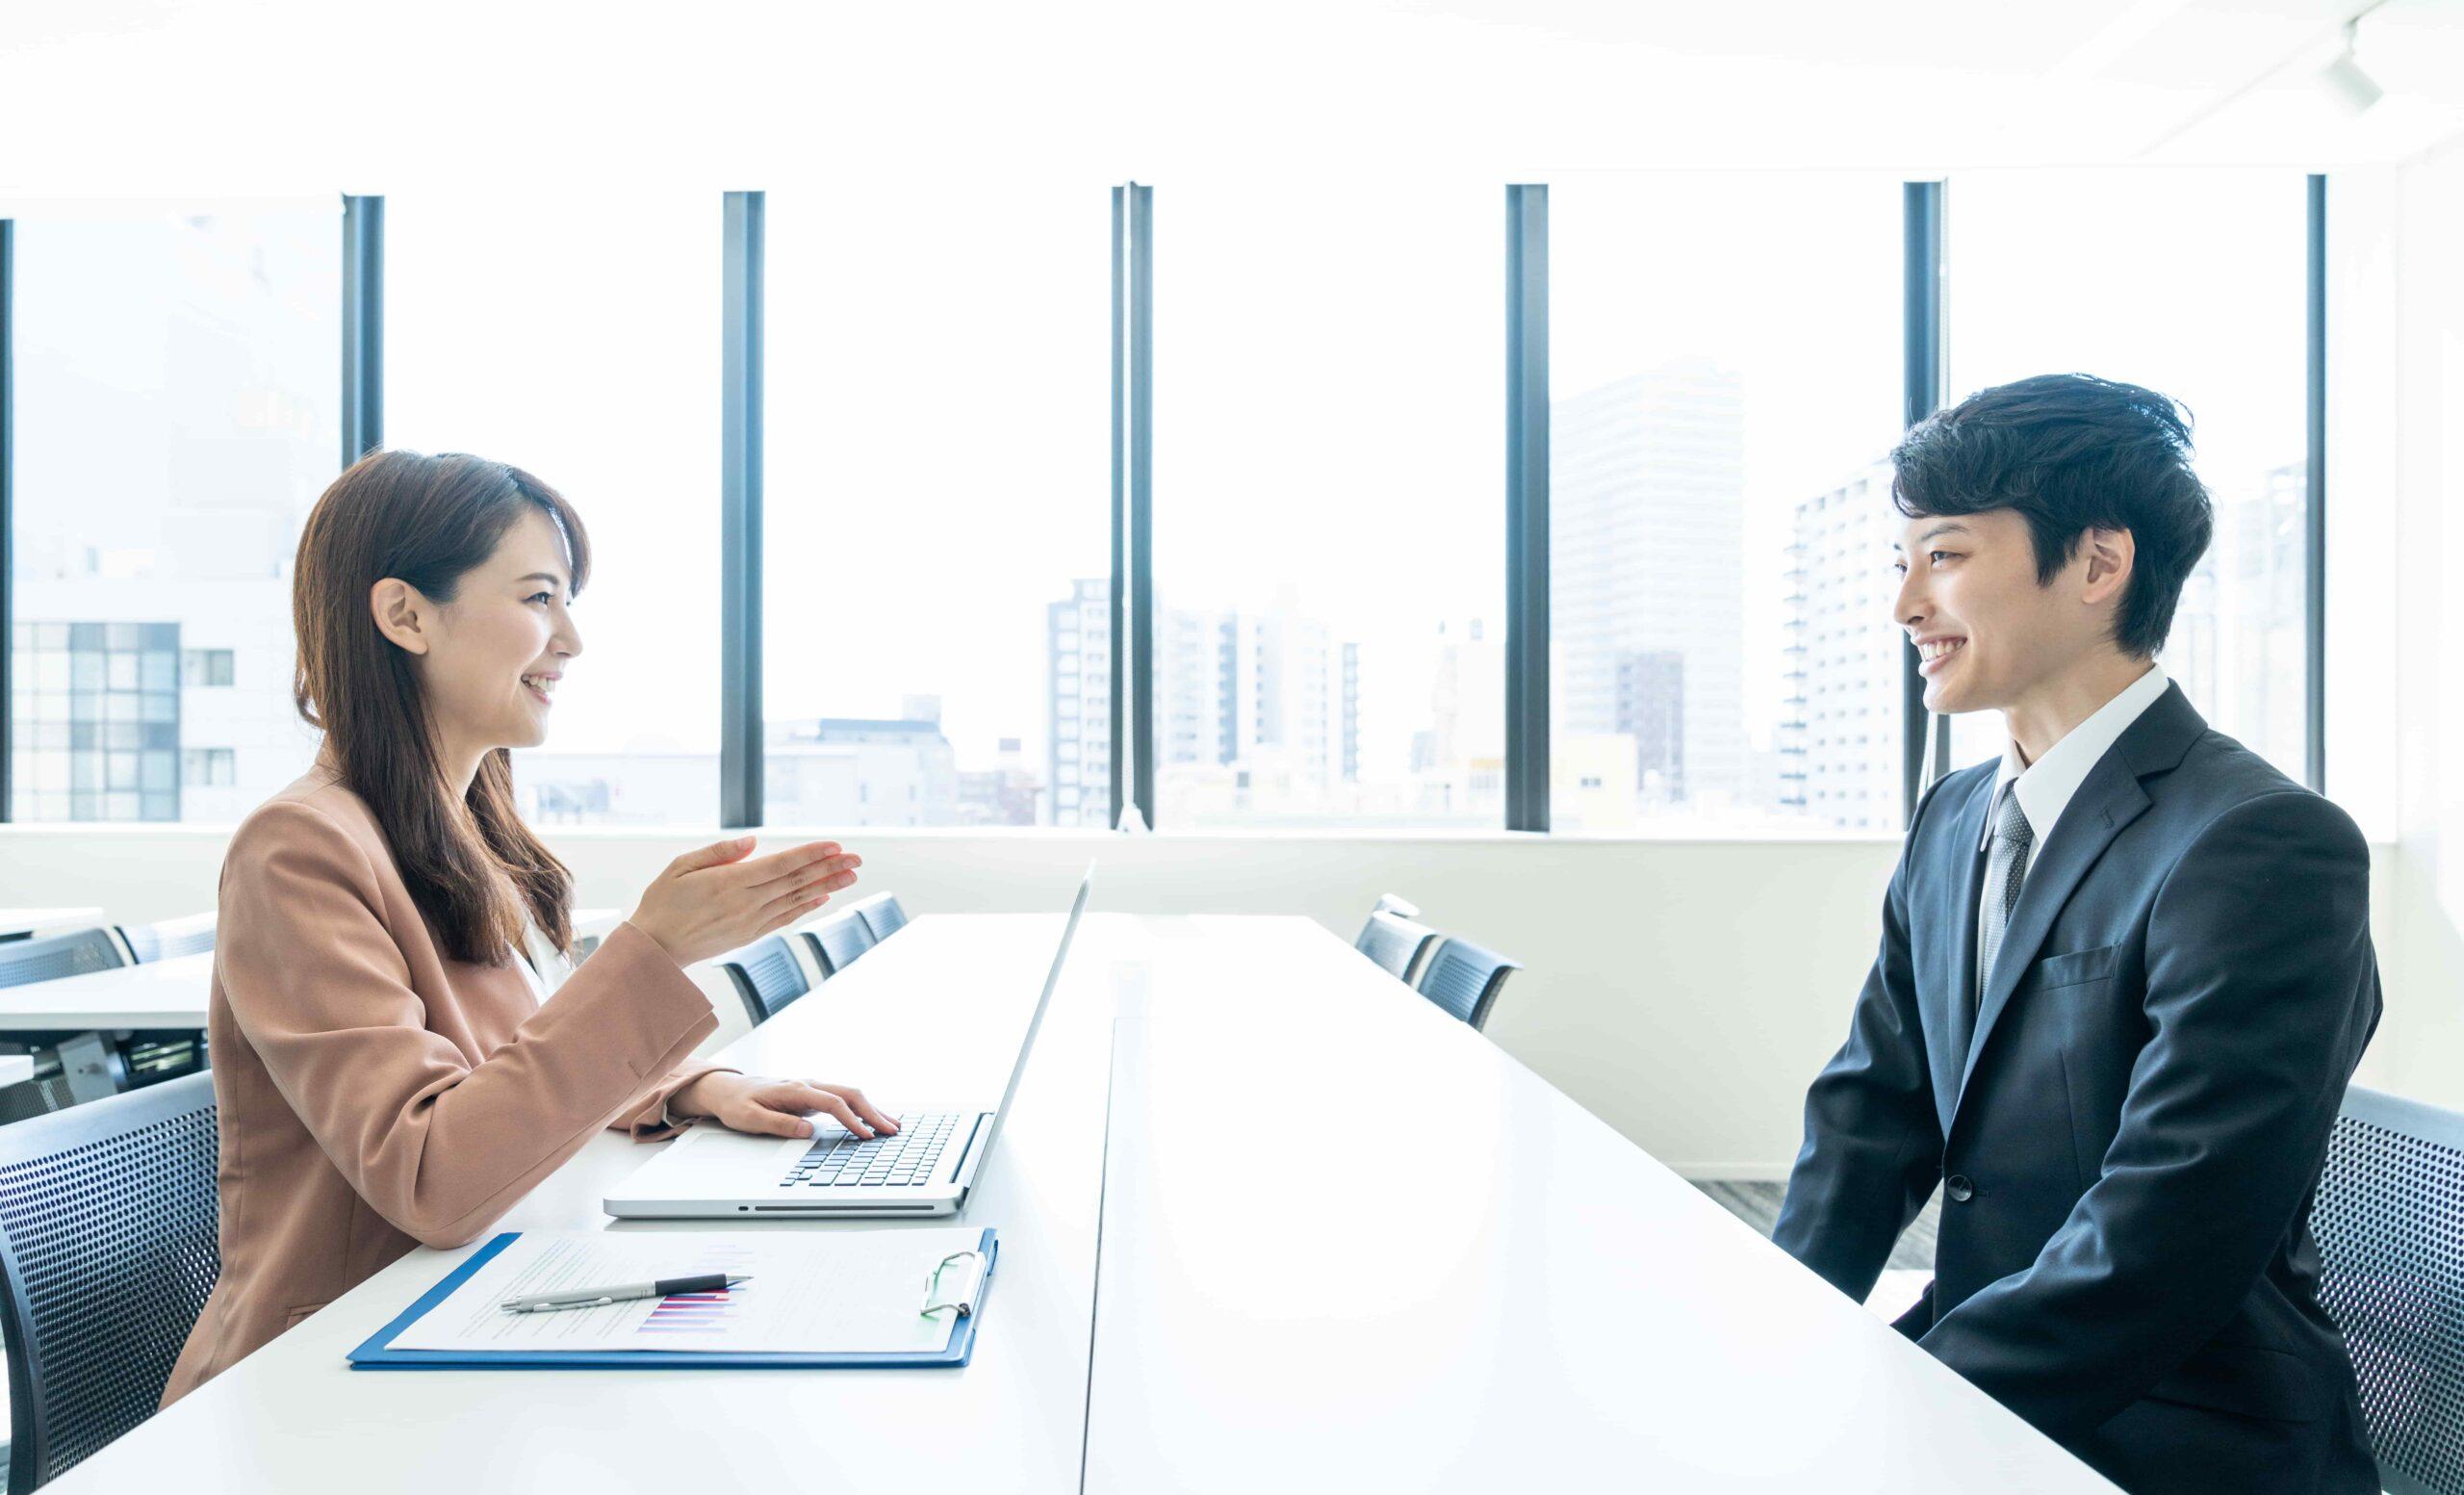 「オフィス×新卒採用」の効果②「従業員を大切にしてるんだな」と感じてくれる